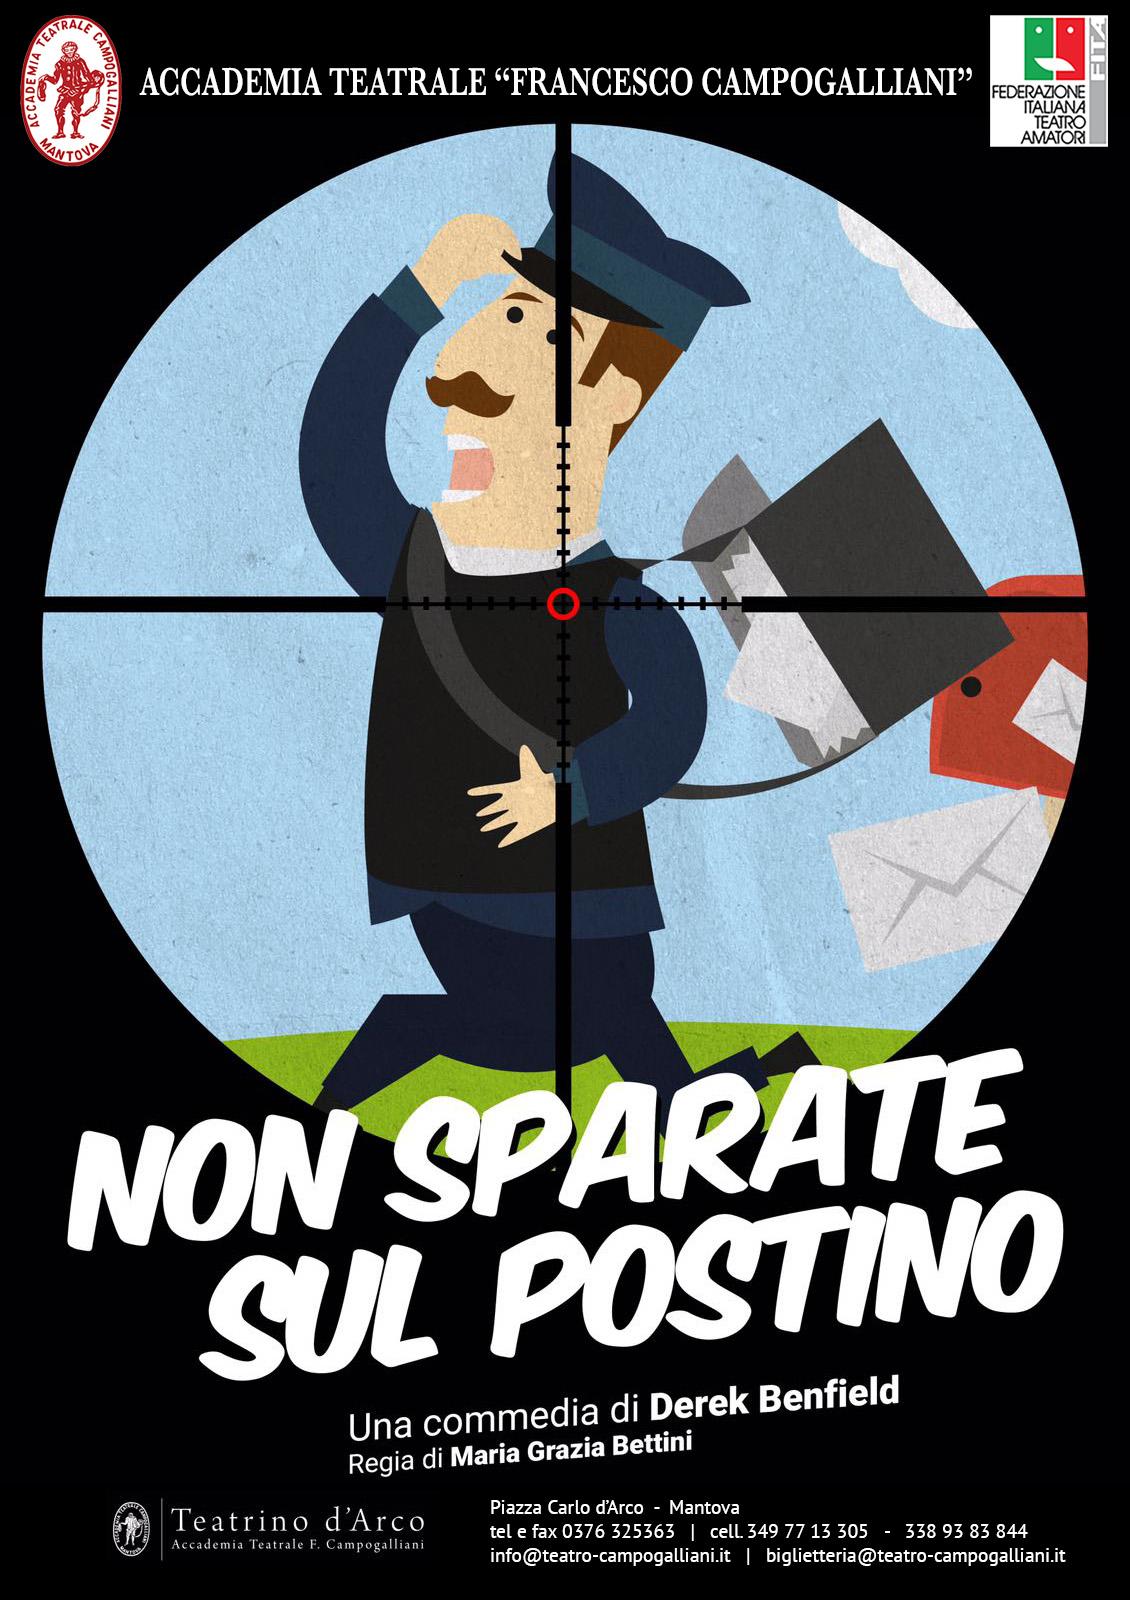 Non sparate sul postino